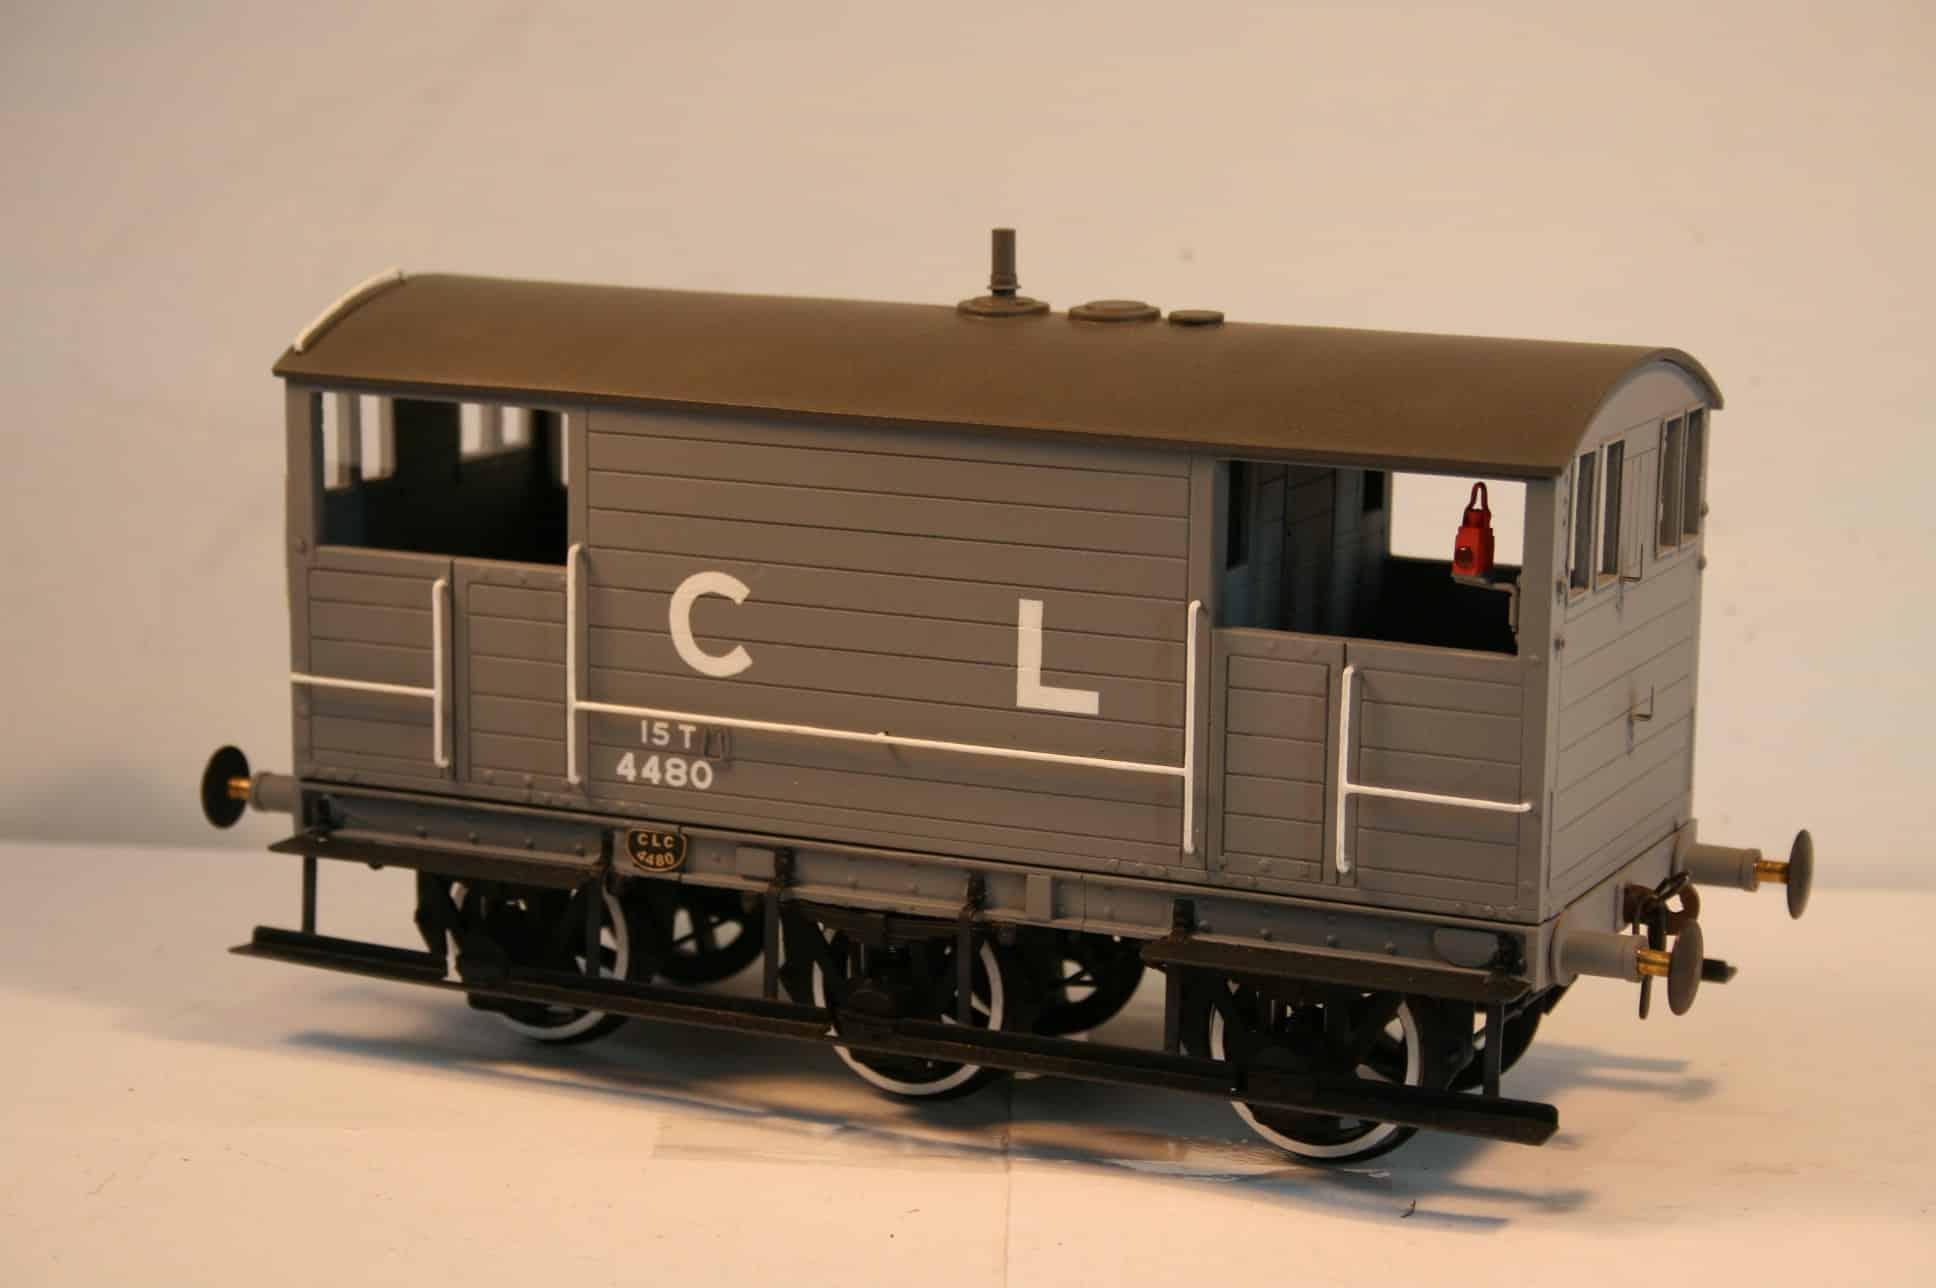 CLC 15 ton Goods Brake Van 4480 in grey livery